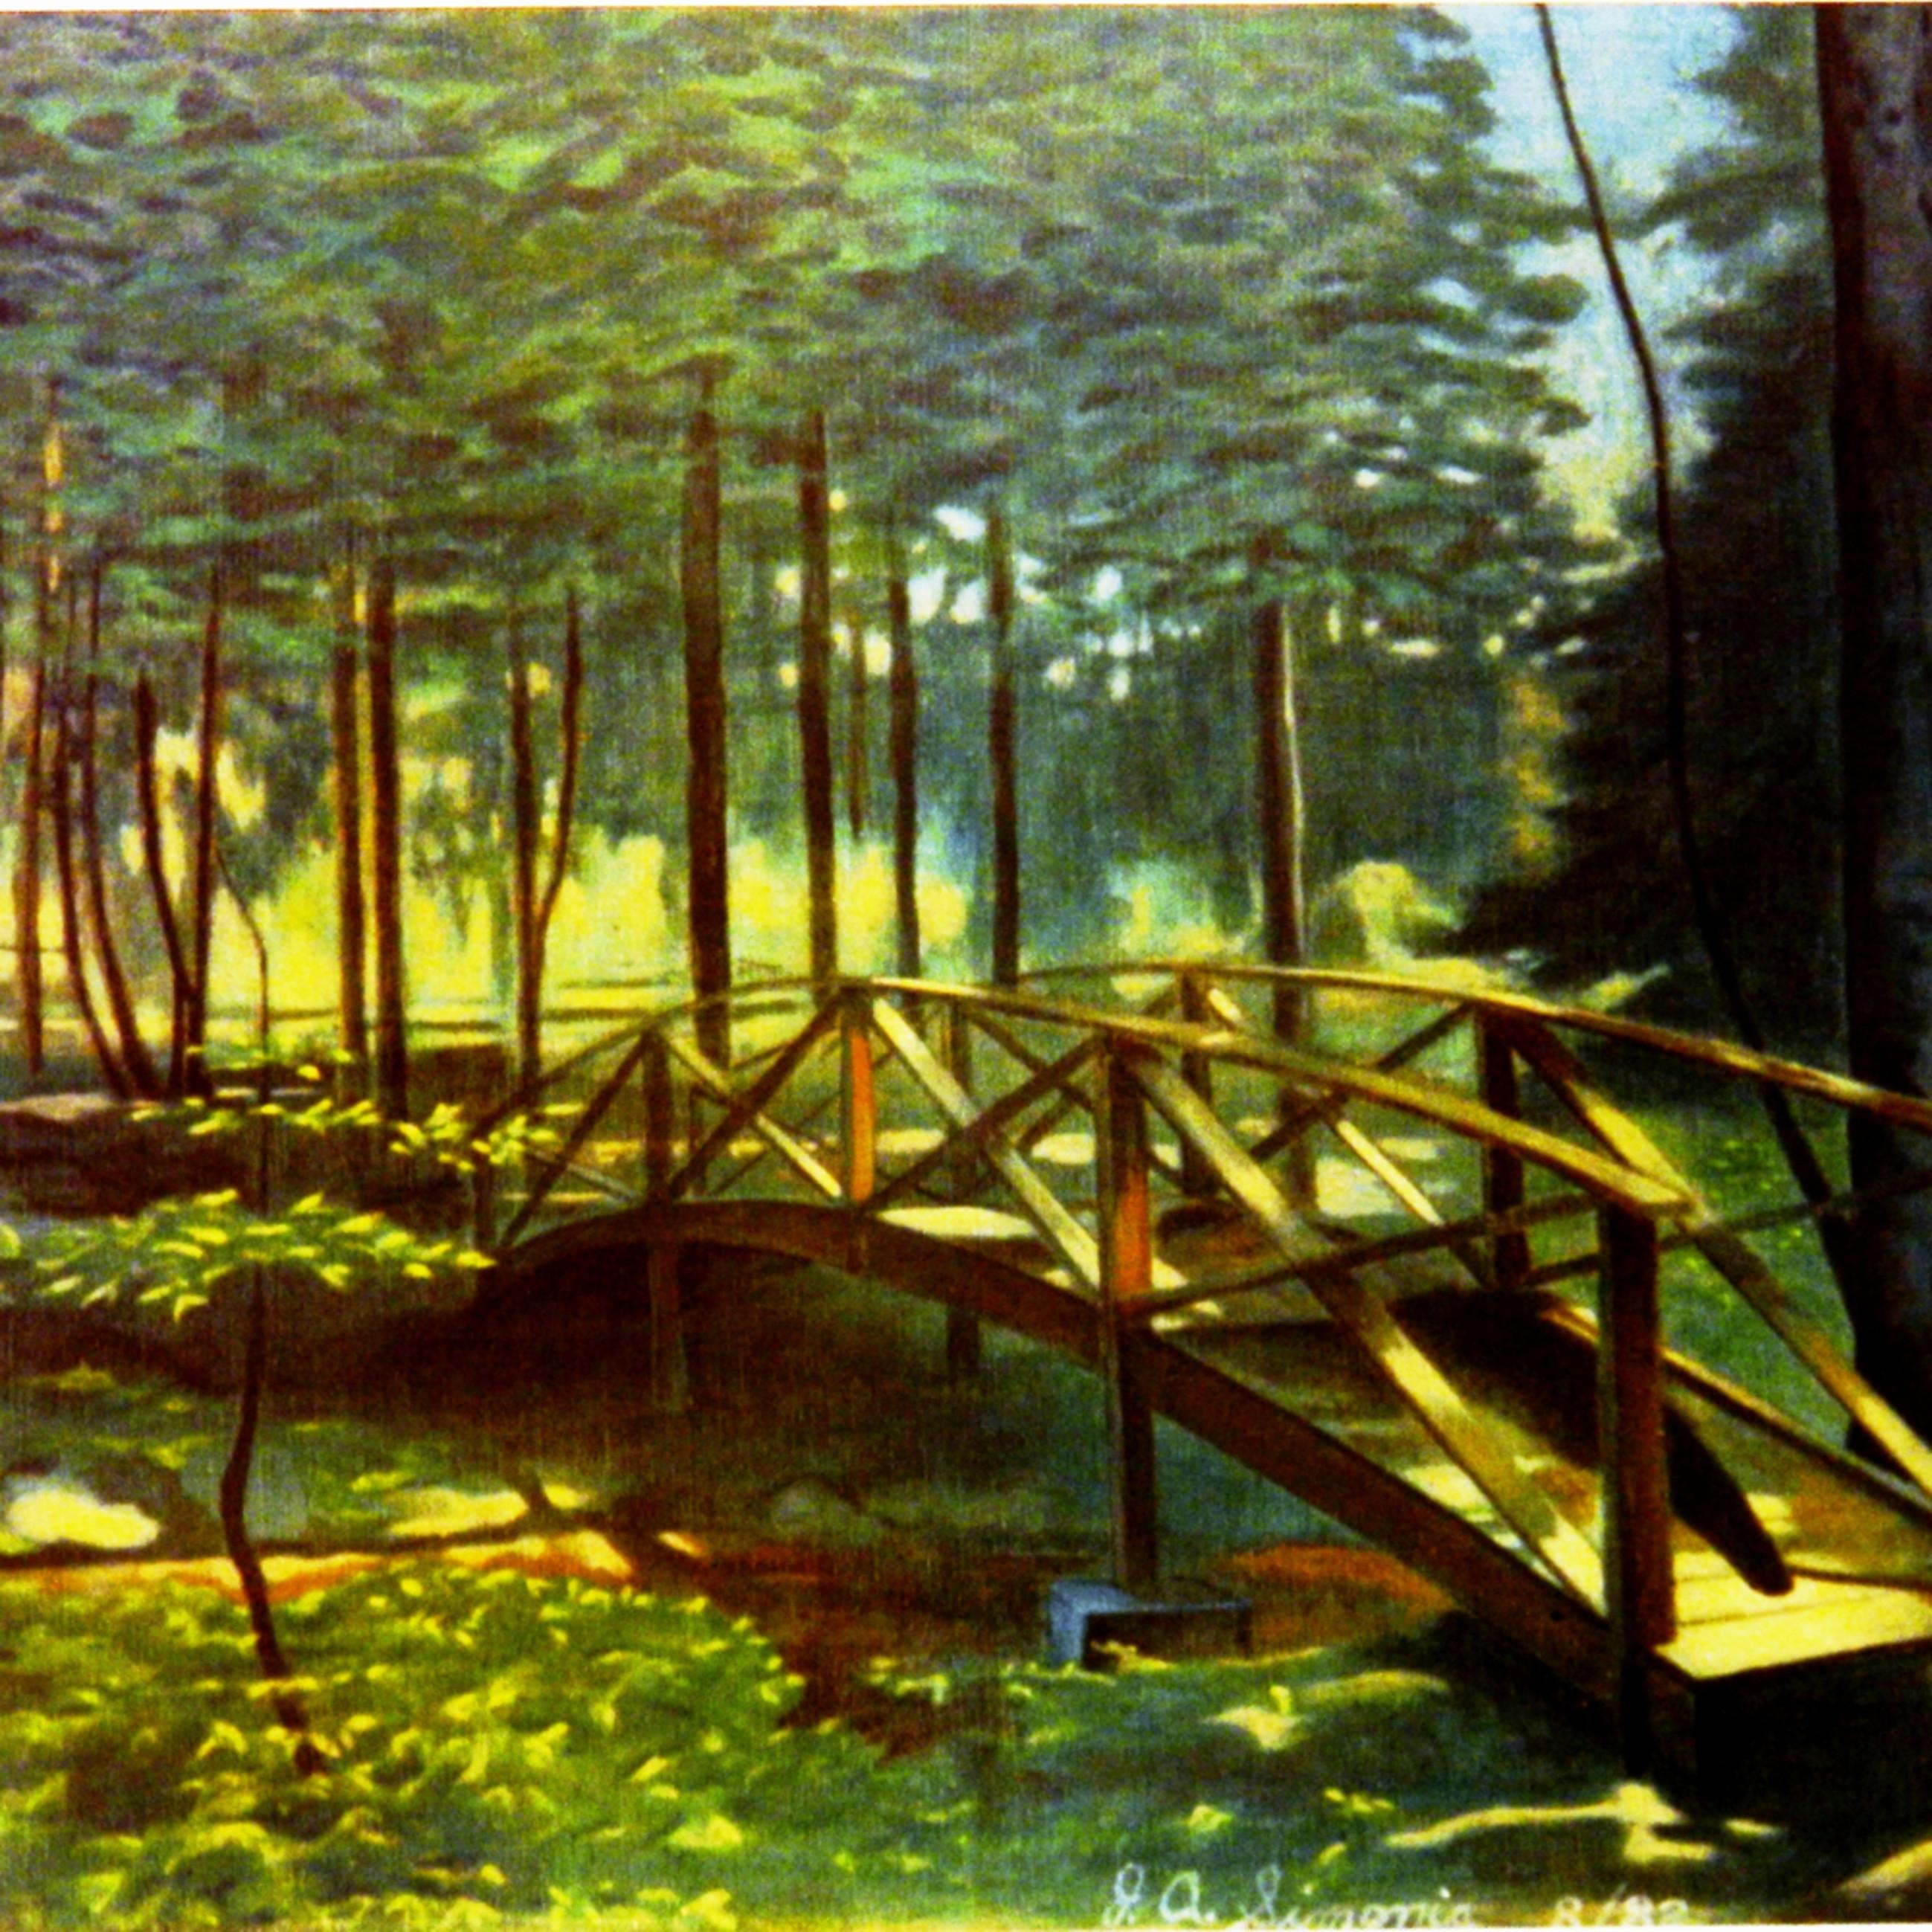 Light on the forest floor ut njujtn